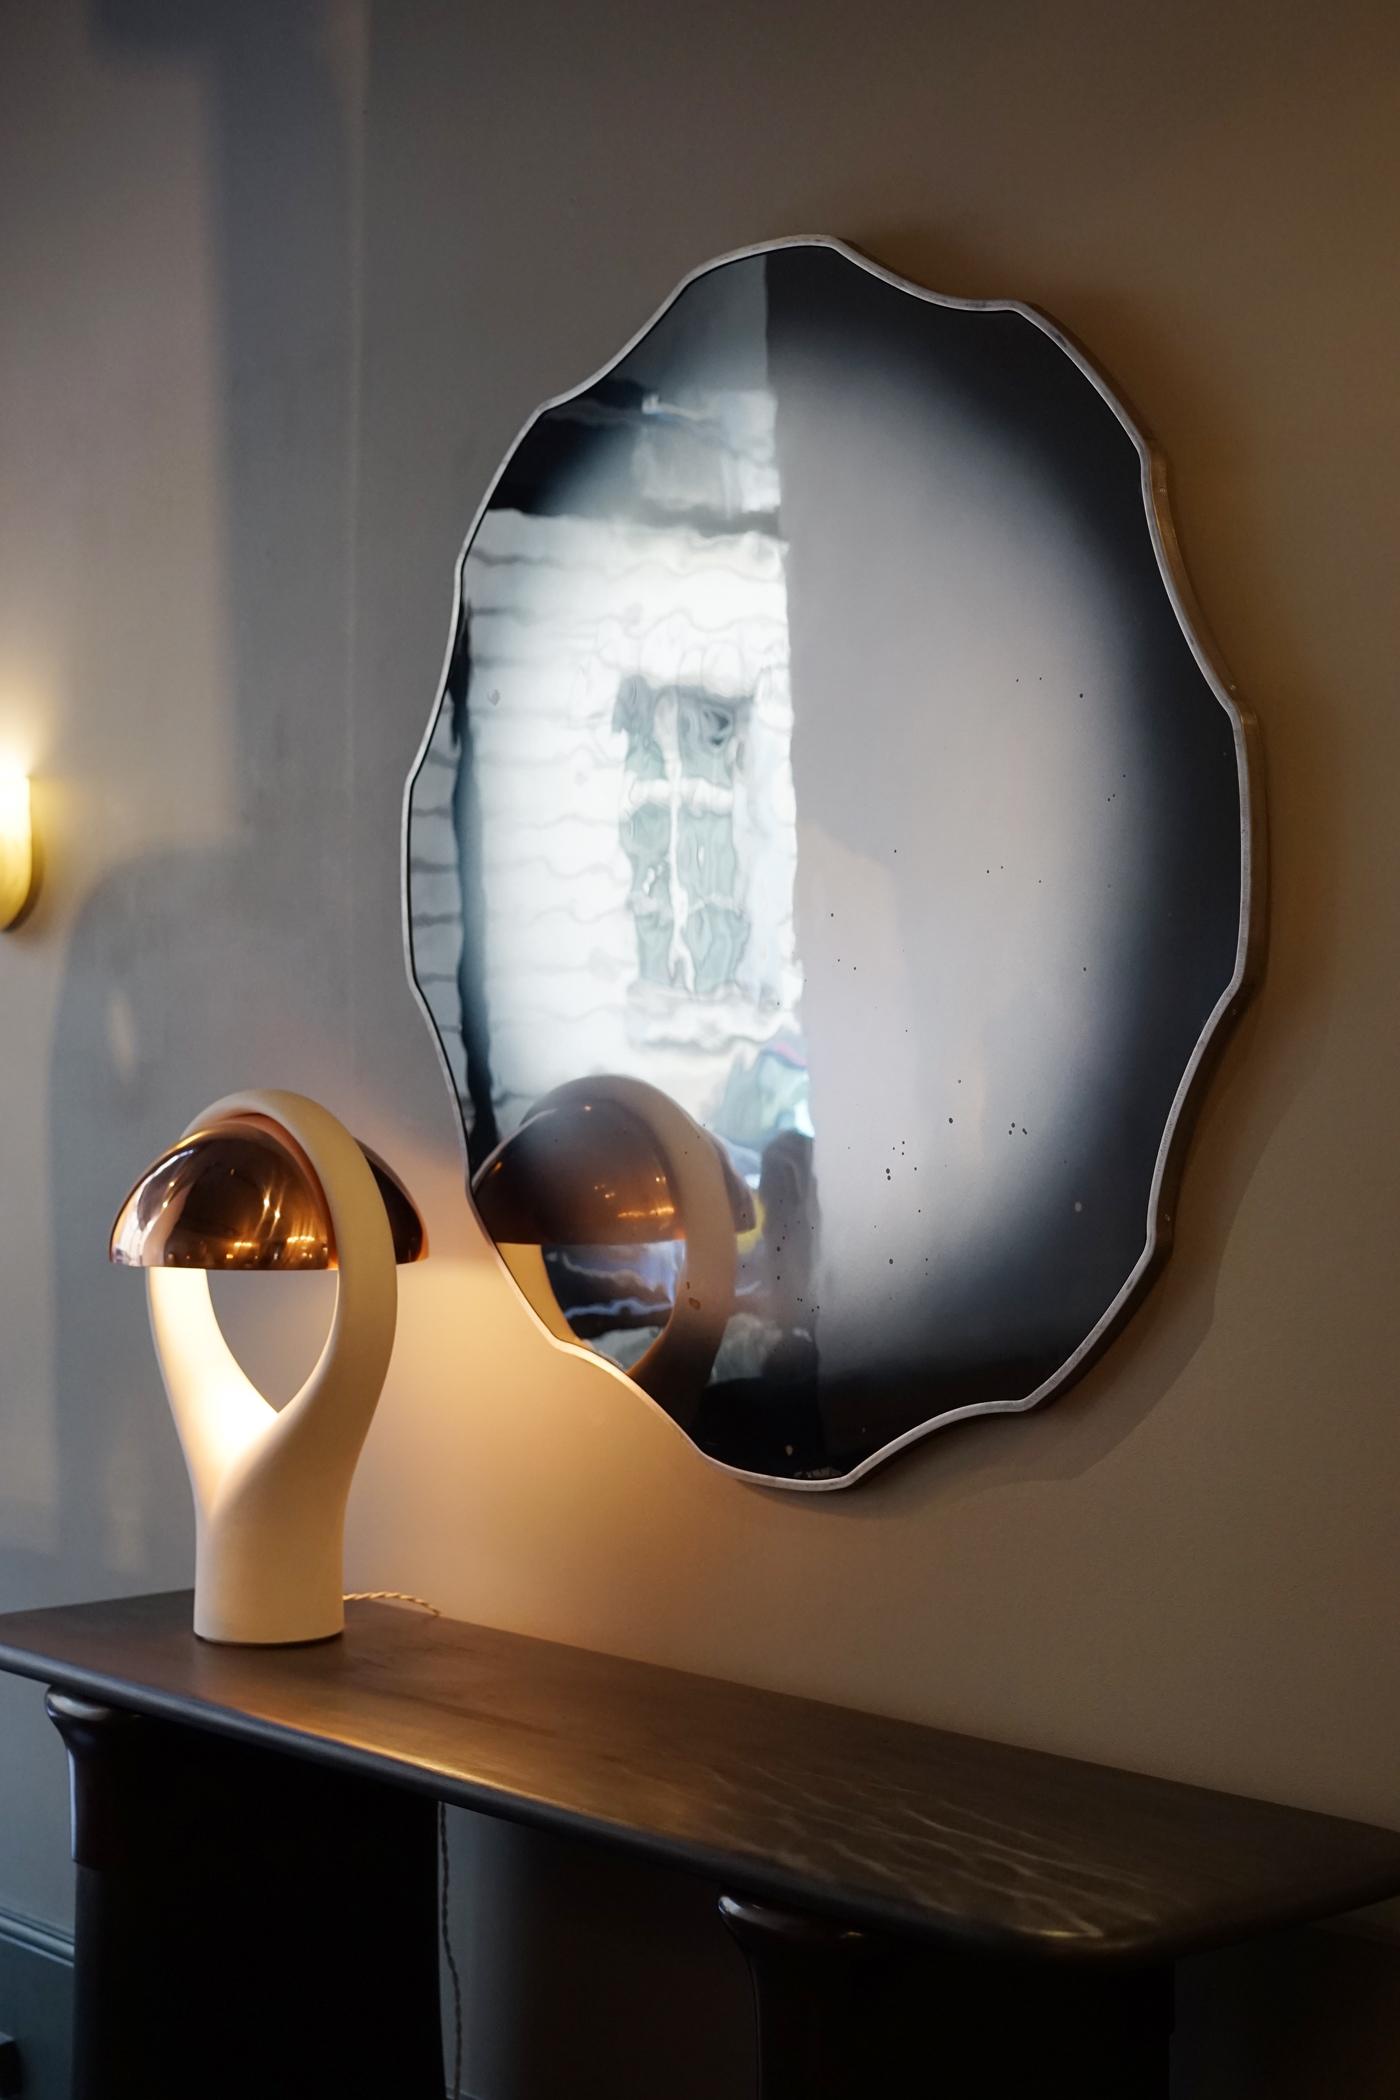 mirror Acamas -  - Galerie Carole Decombe